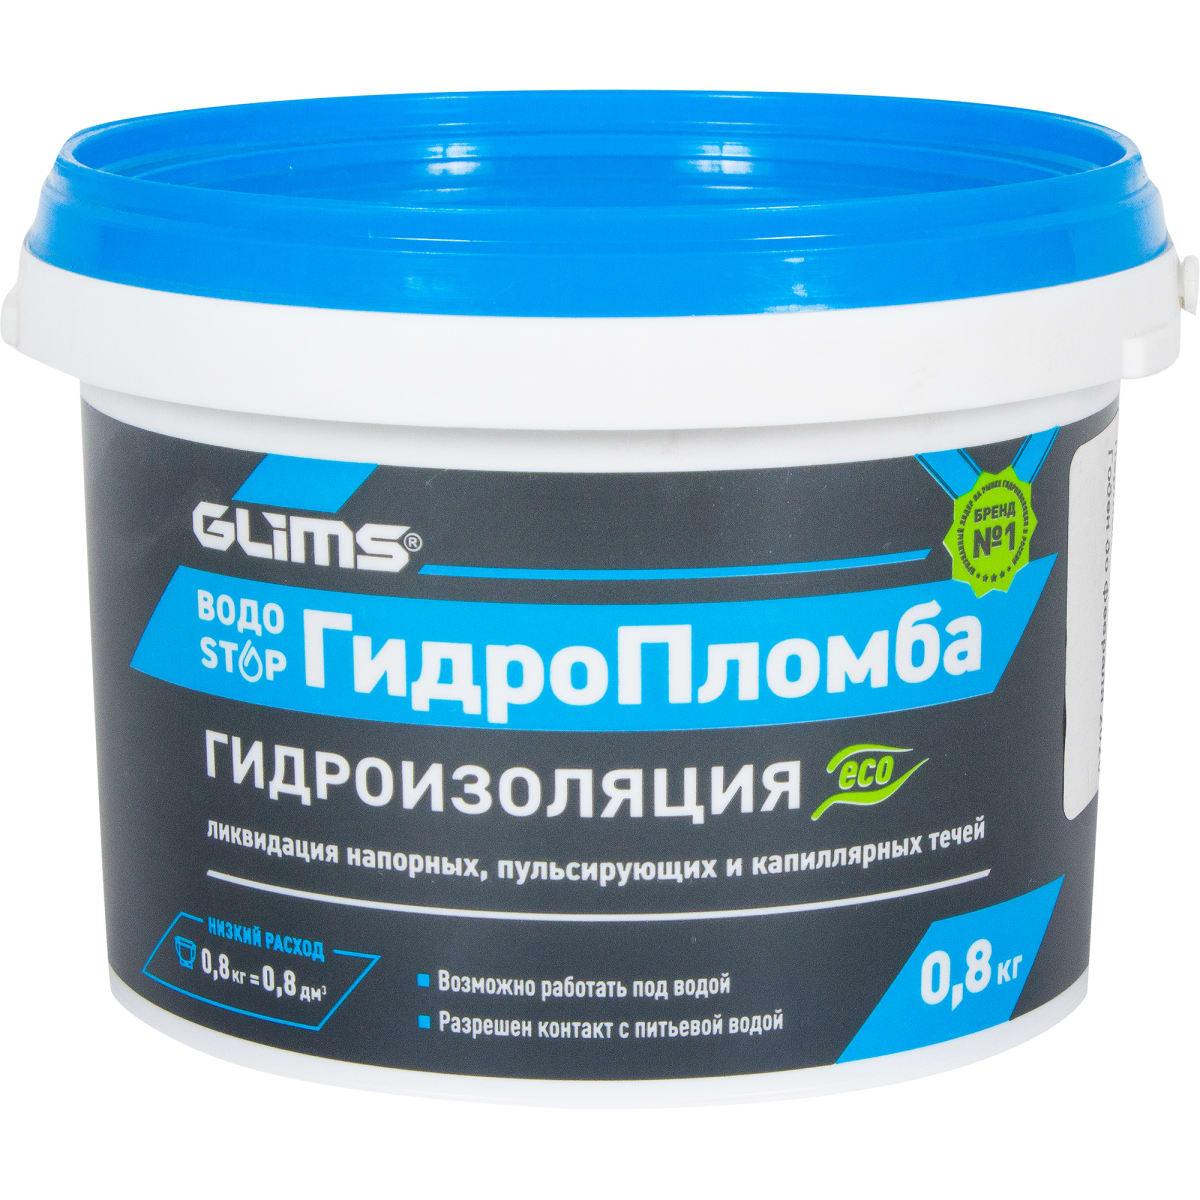 Купить гидропломба для заделки течей в бетоне купить купить лабораторию бетона